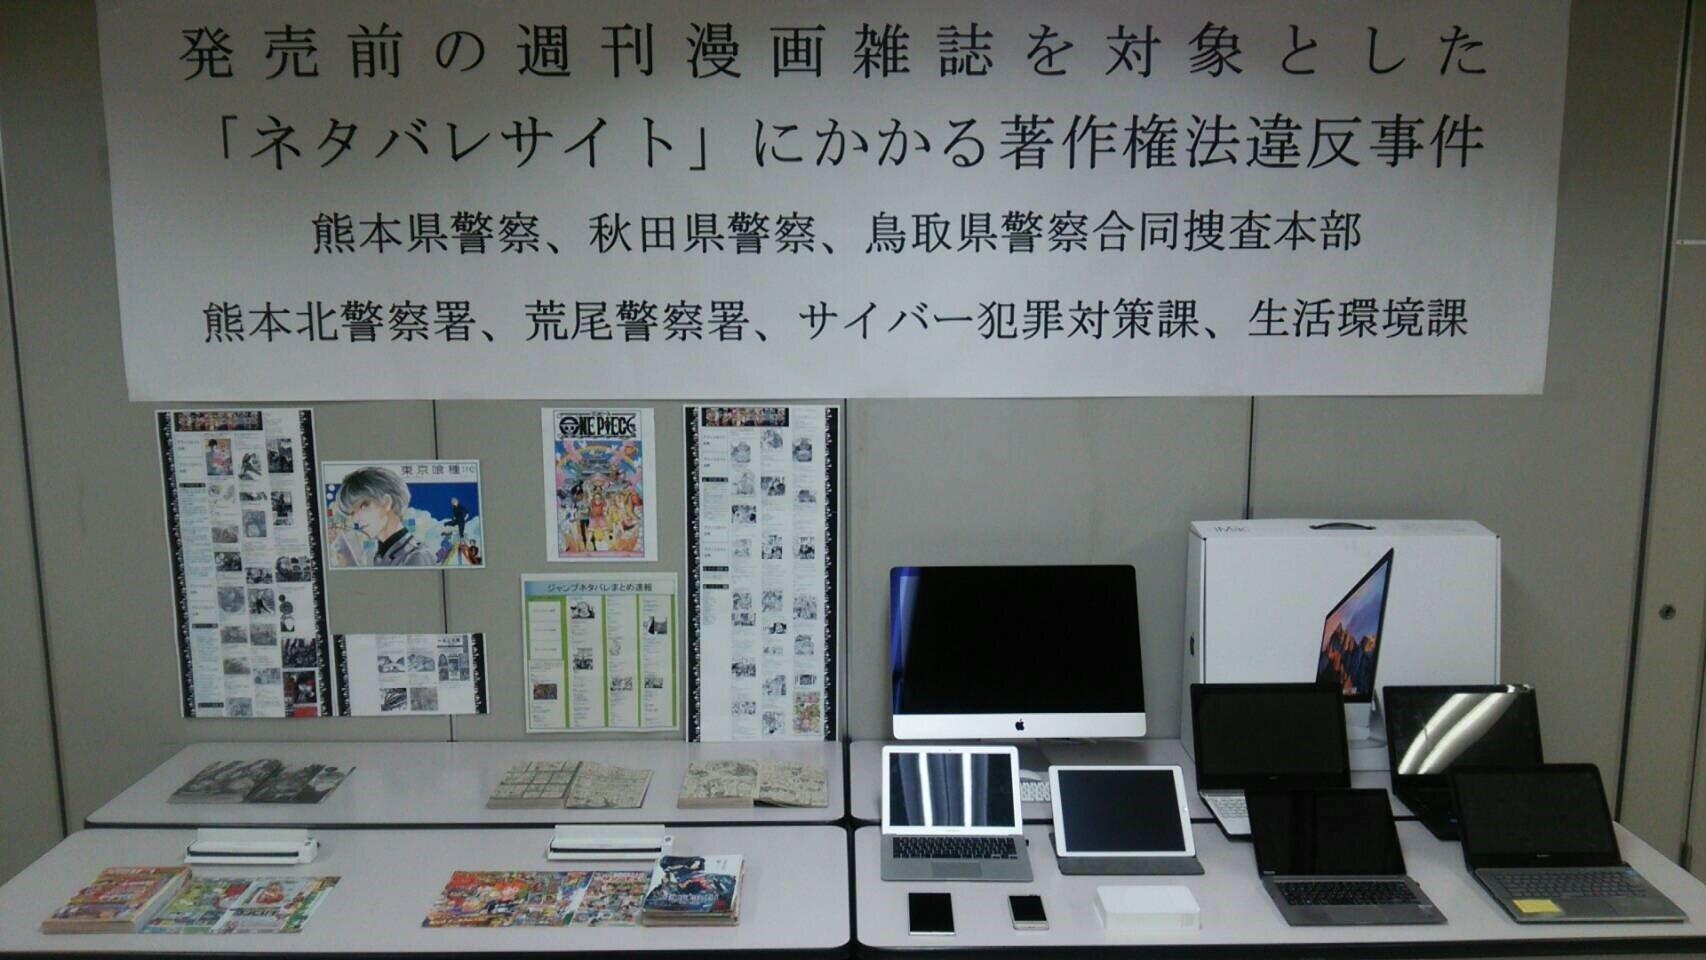 熊本県警と鳥取県警は17年9月6日、ネタバレサイトの運営者を著作権法違反(公衆送信権侵害、出版権侵害)の疑いで逮捕した(写真はコンピュータソフトウェア著作権協会より)